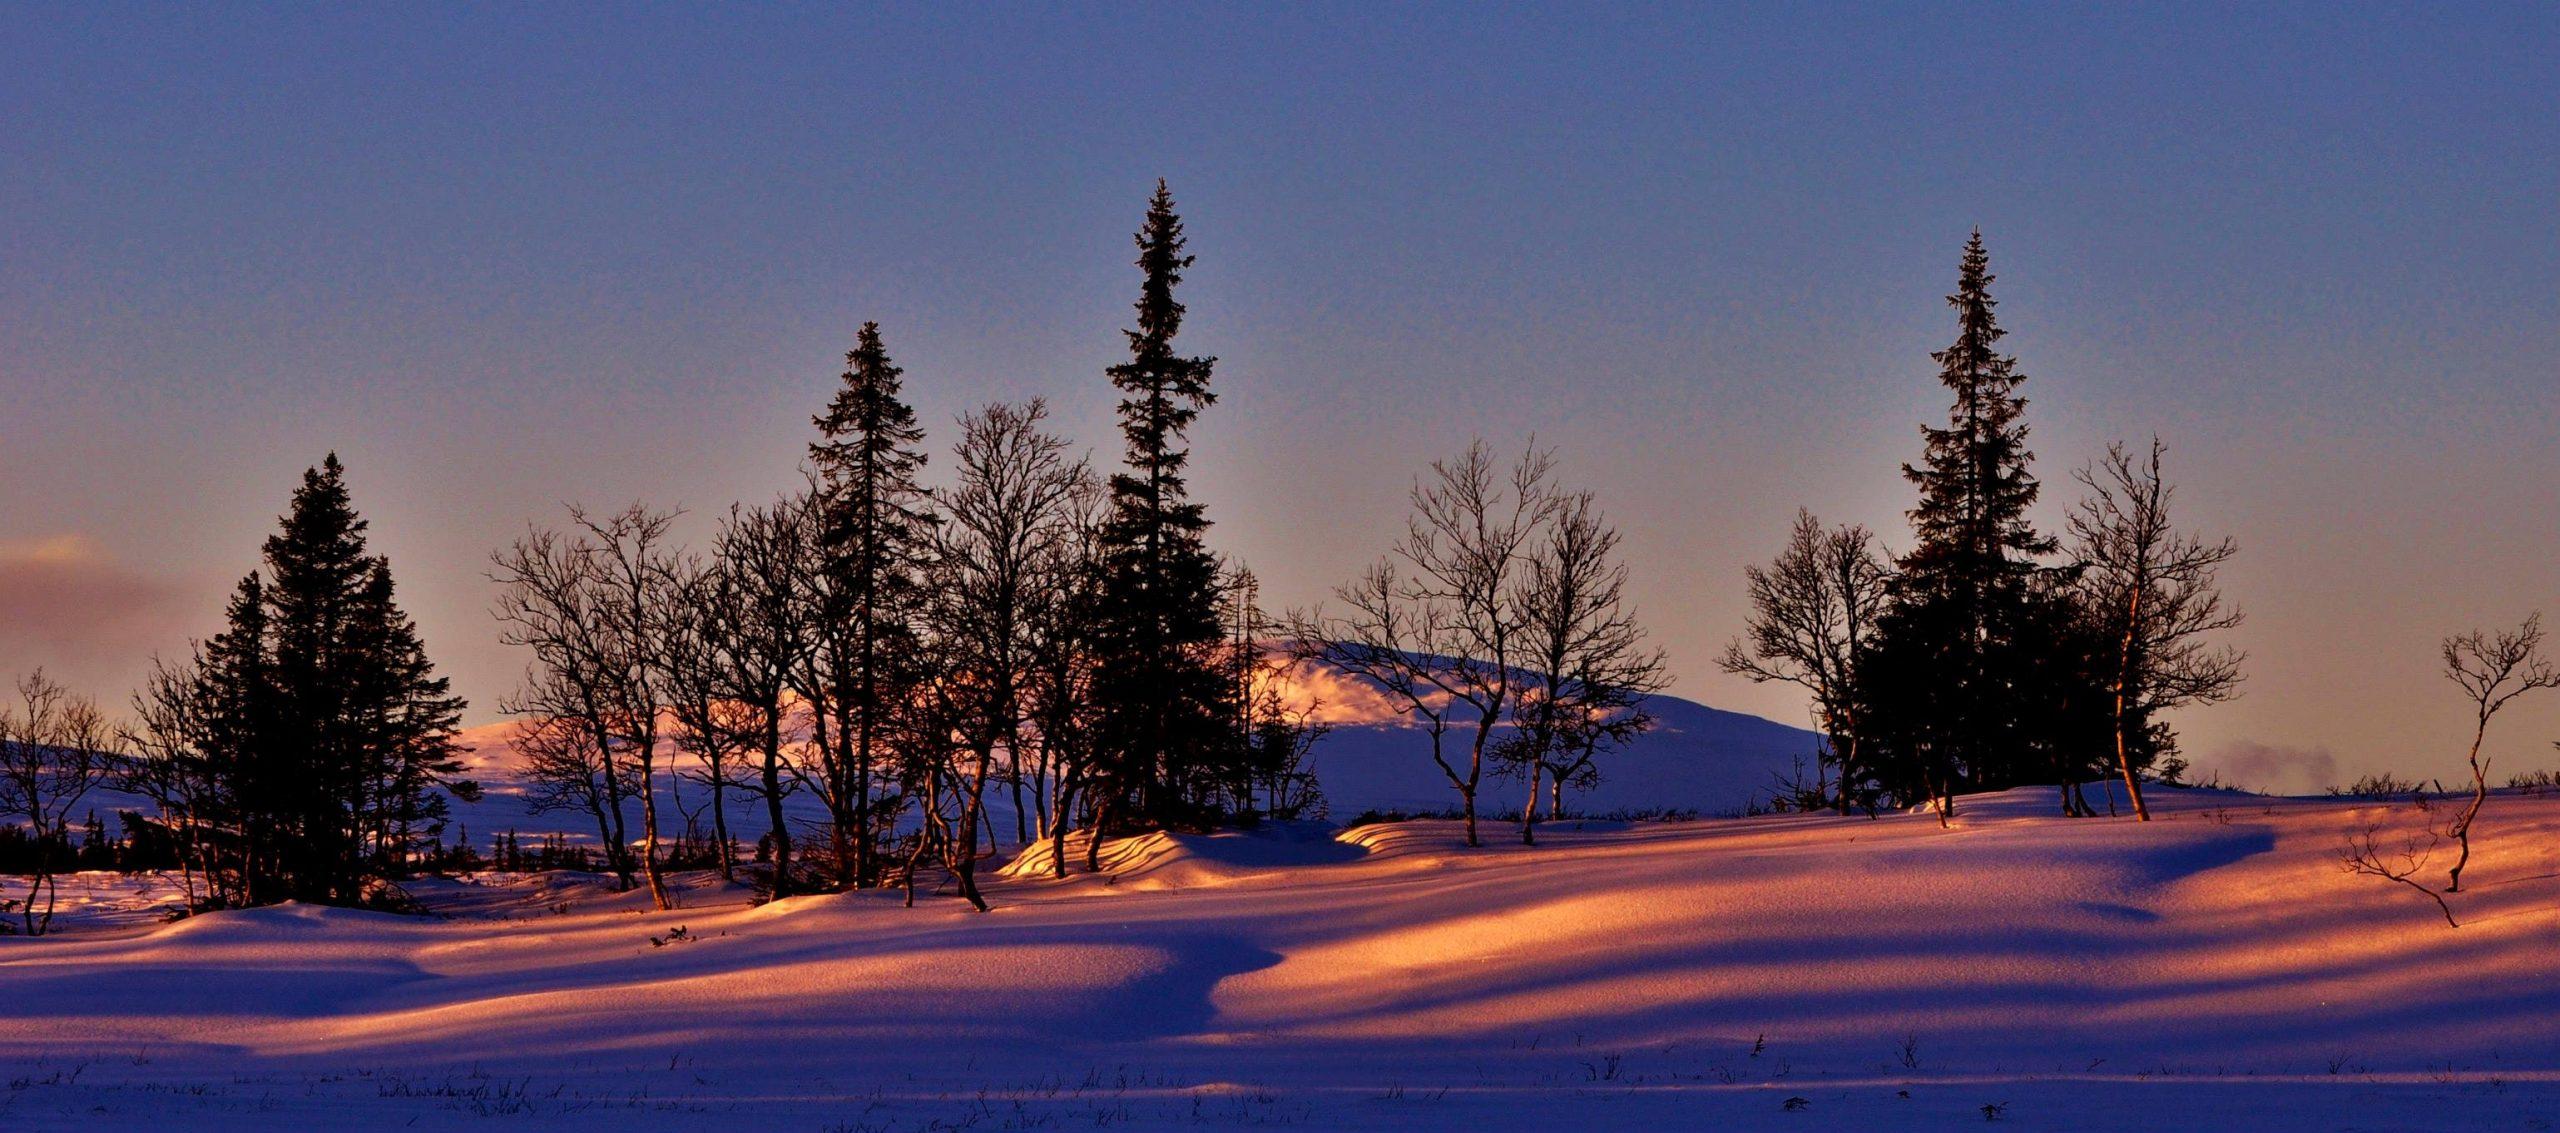 skyddsjaktsområde-träd-vildmark-snö